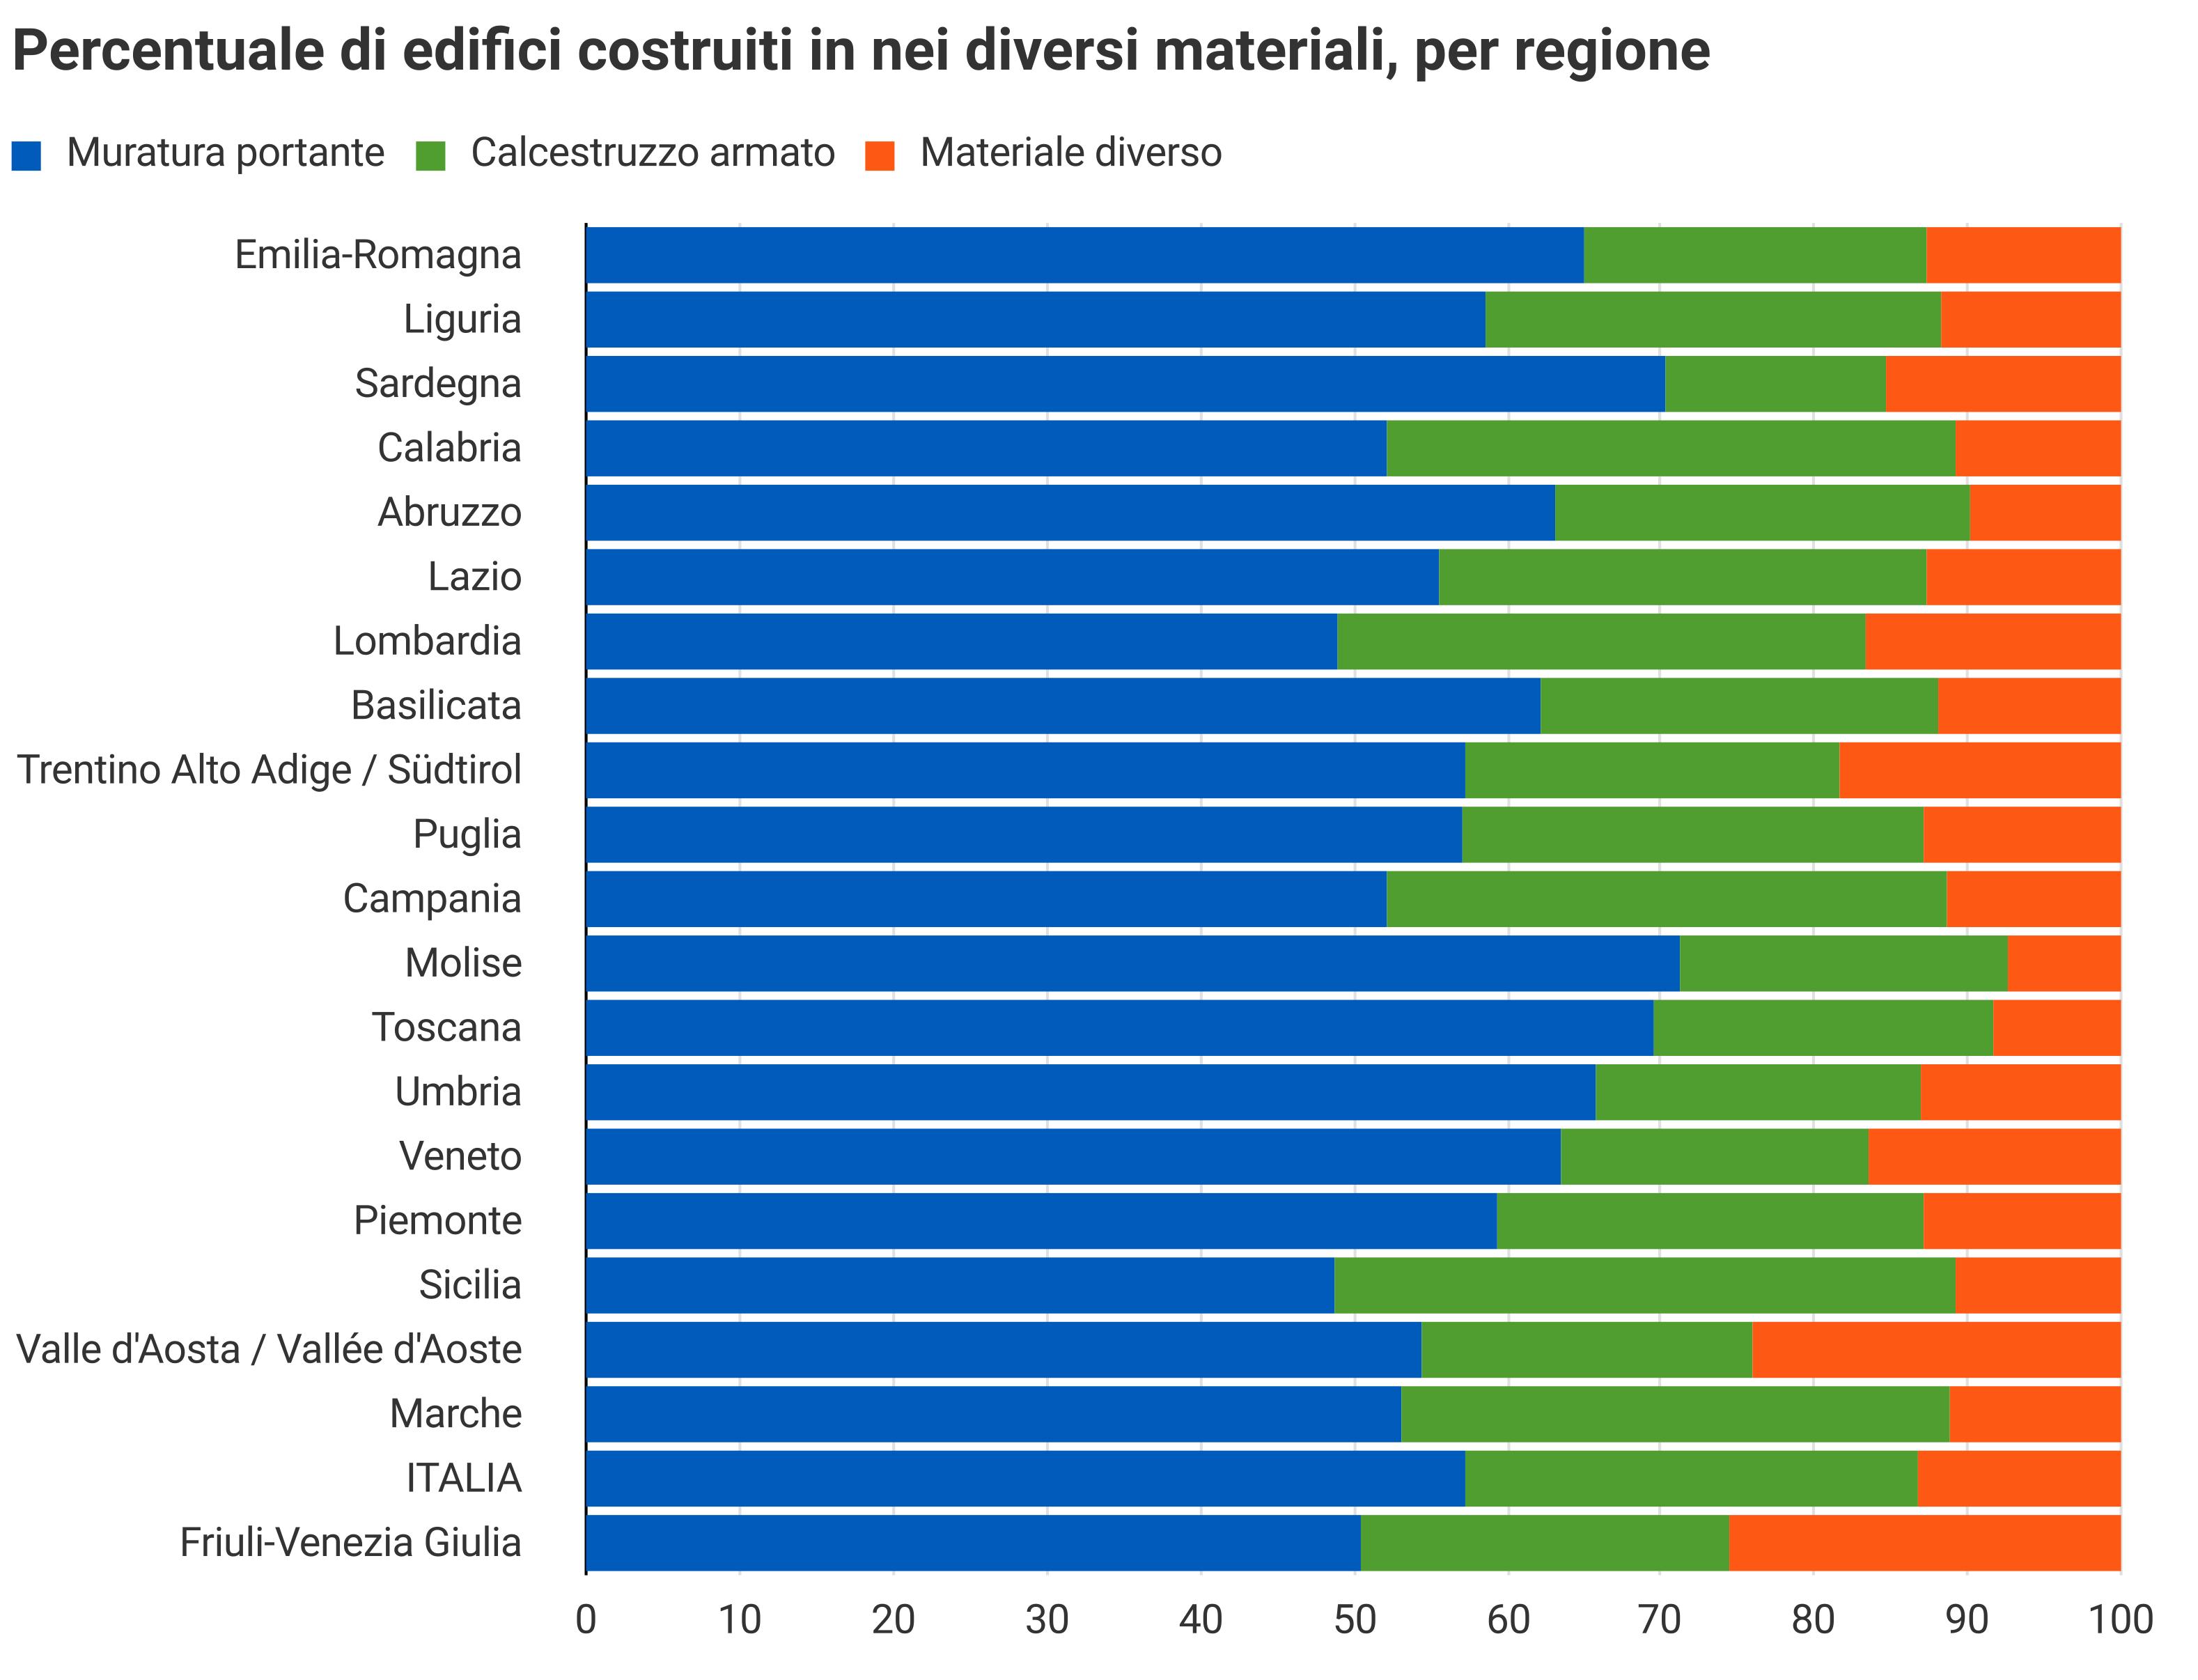 Percentuale per regione di edifici costruiti in diversi materiali